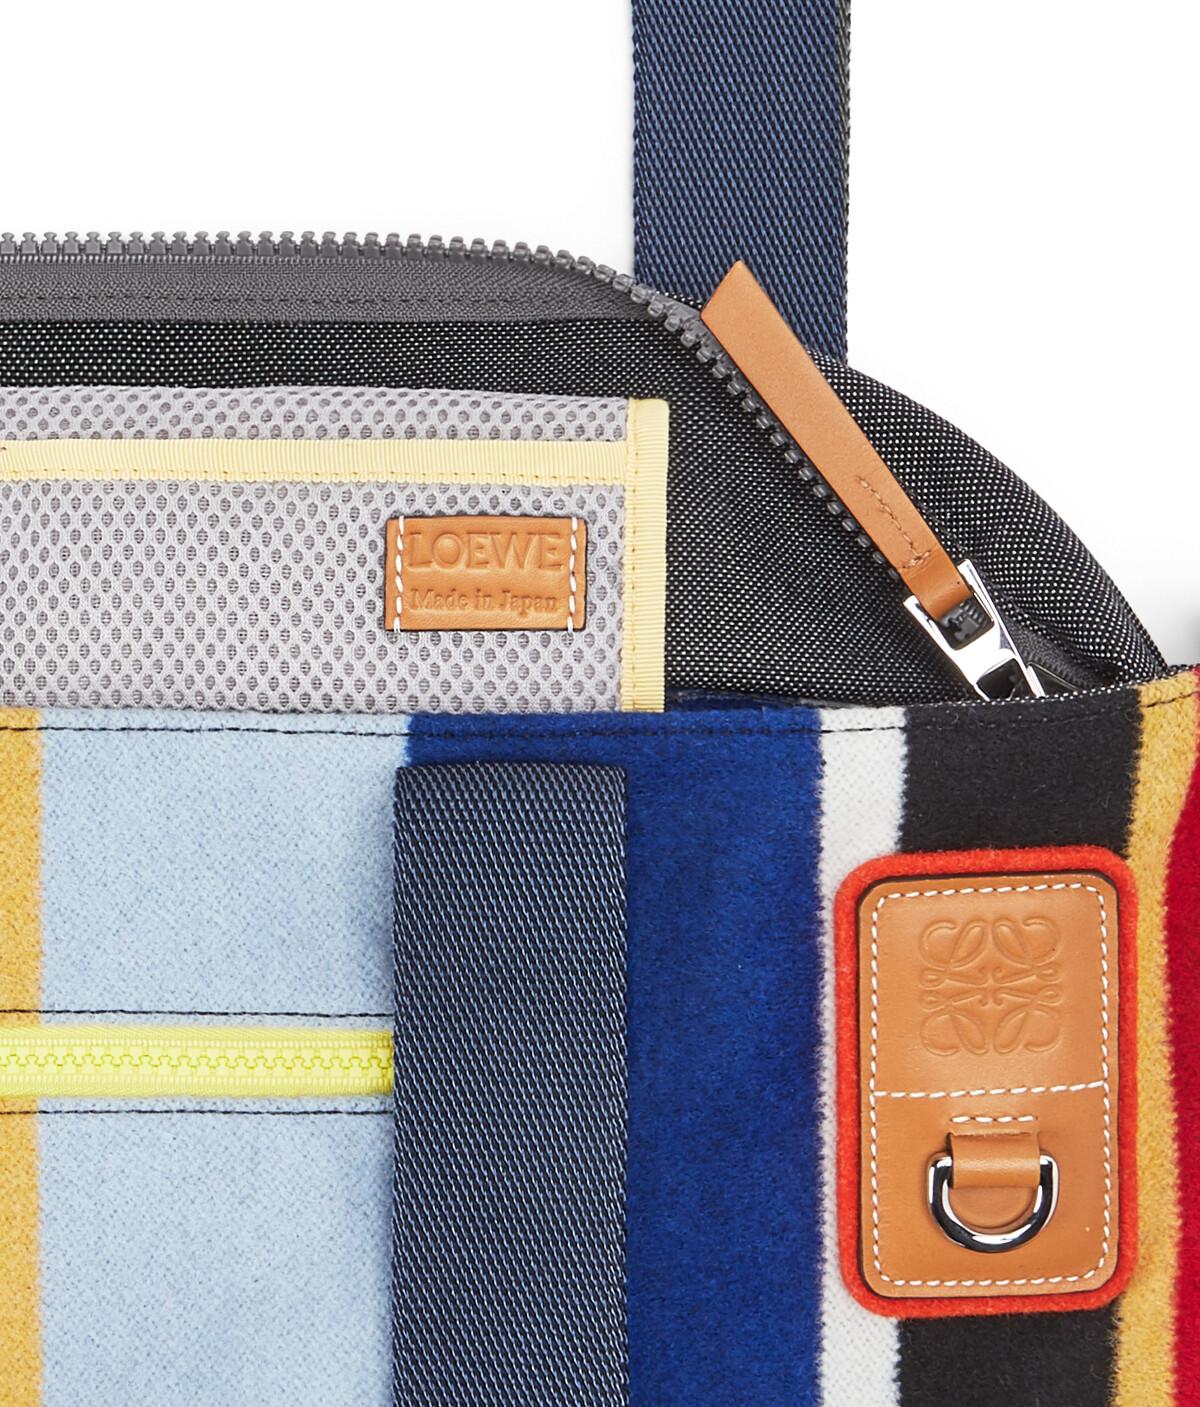 LOEWE Eye/Loewe/Nature Tote Stripes Bag Multicolor front